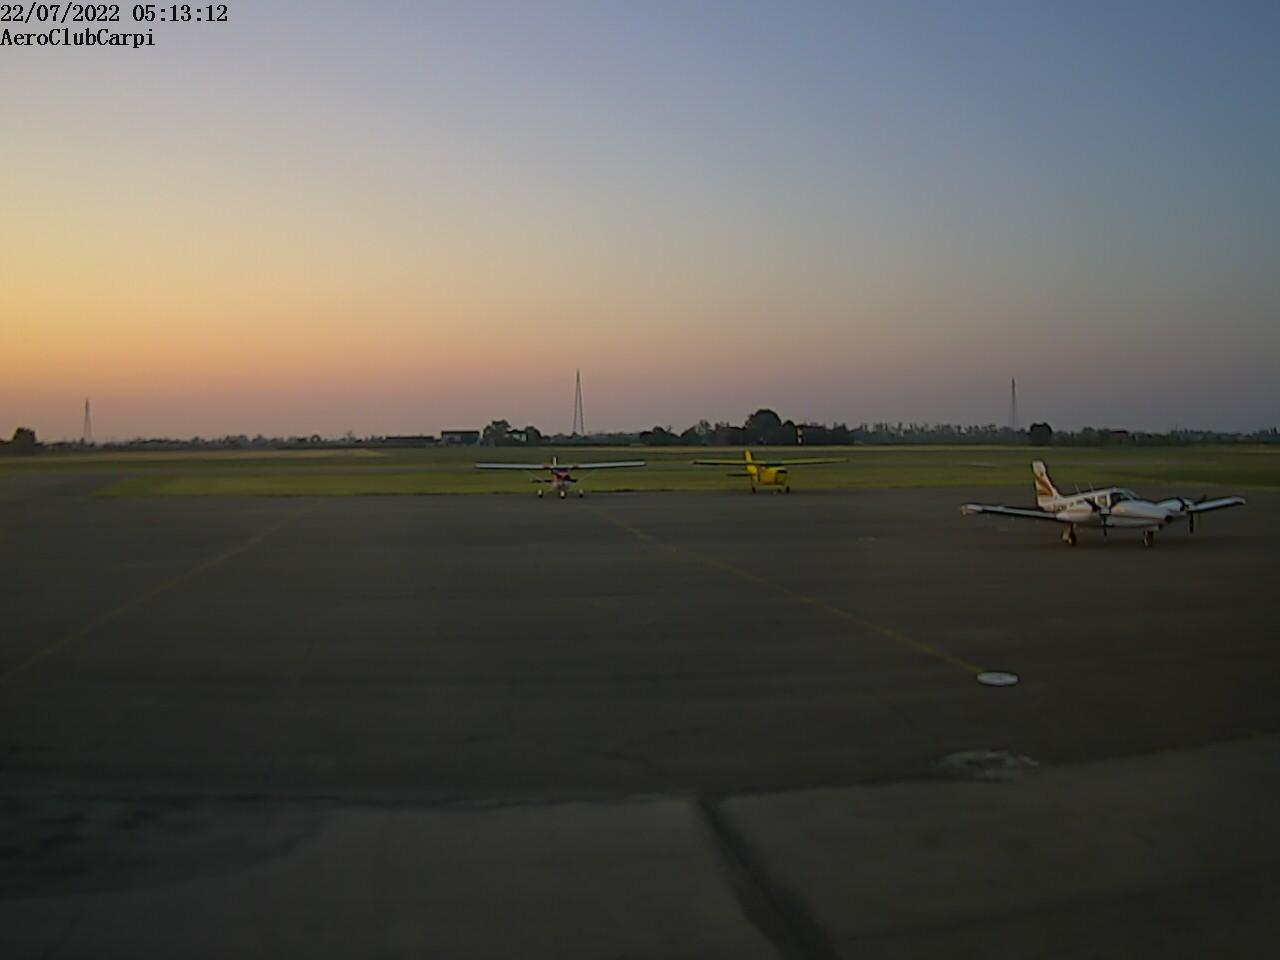 Osservatorio Carpi nord<br>Webcam puntamento sud est<br>Loc. Fossoli-Budrione - Carpi (MO)